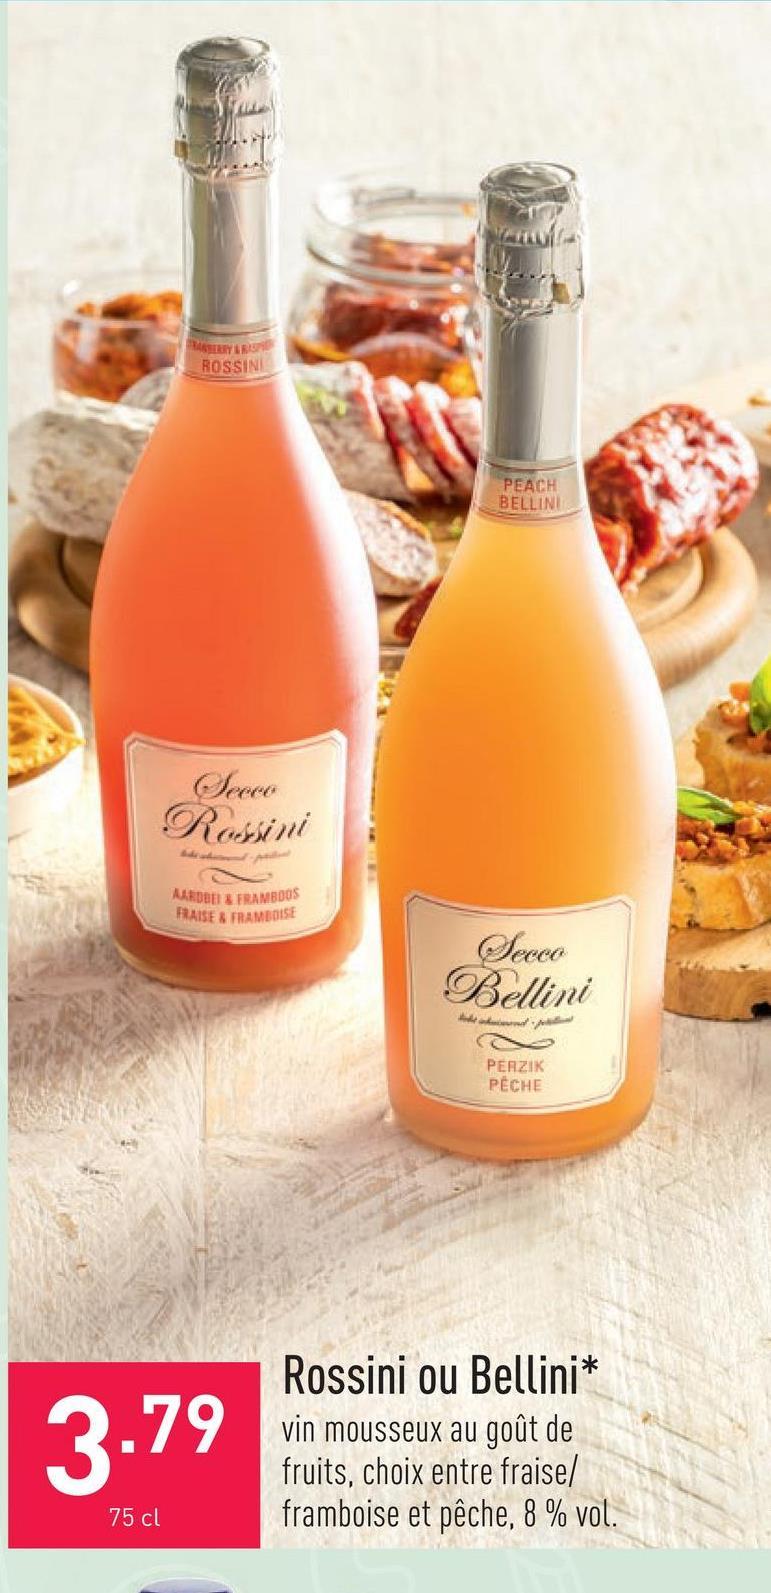 Rossini ou Bellini vin mousseux au goût de fruits, choix entre fraise/framboise et pêche, 8 % vol.